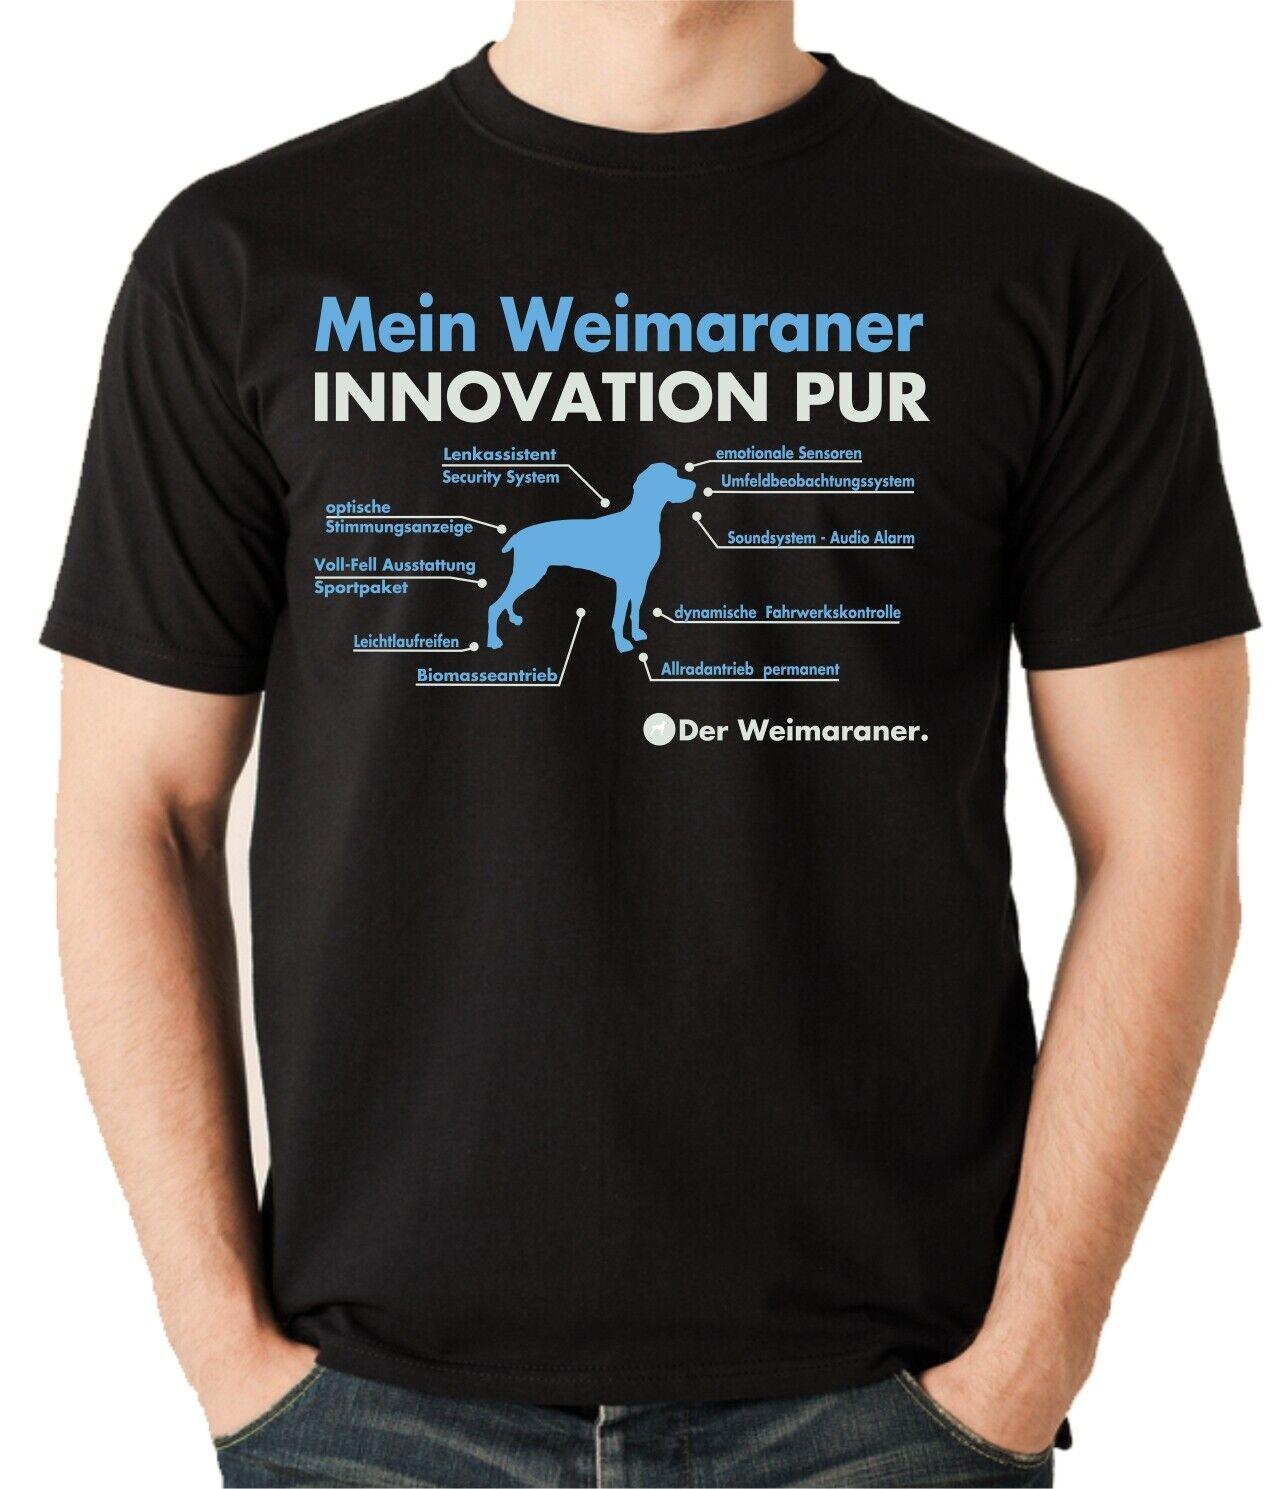 SALE Weimaraner Weimi grey Ghost Innovation lustig Unisex T-Shirt schwarz XL